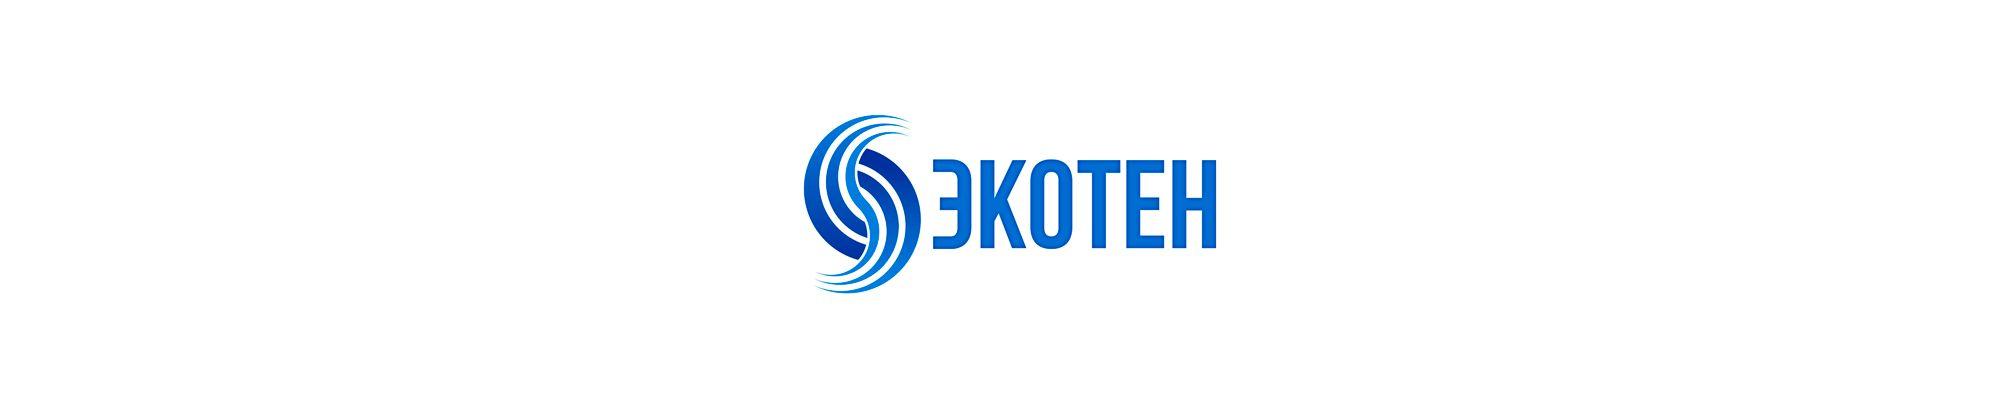 Логотип для научно - технического концерна - дизайнер Agor_